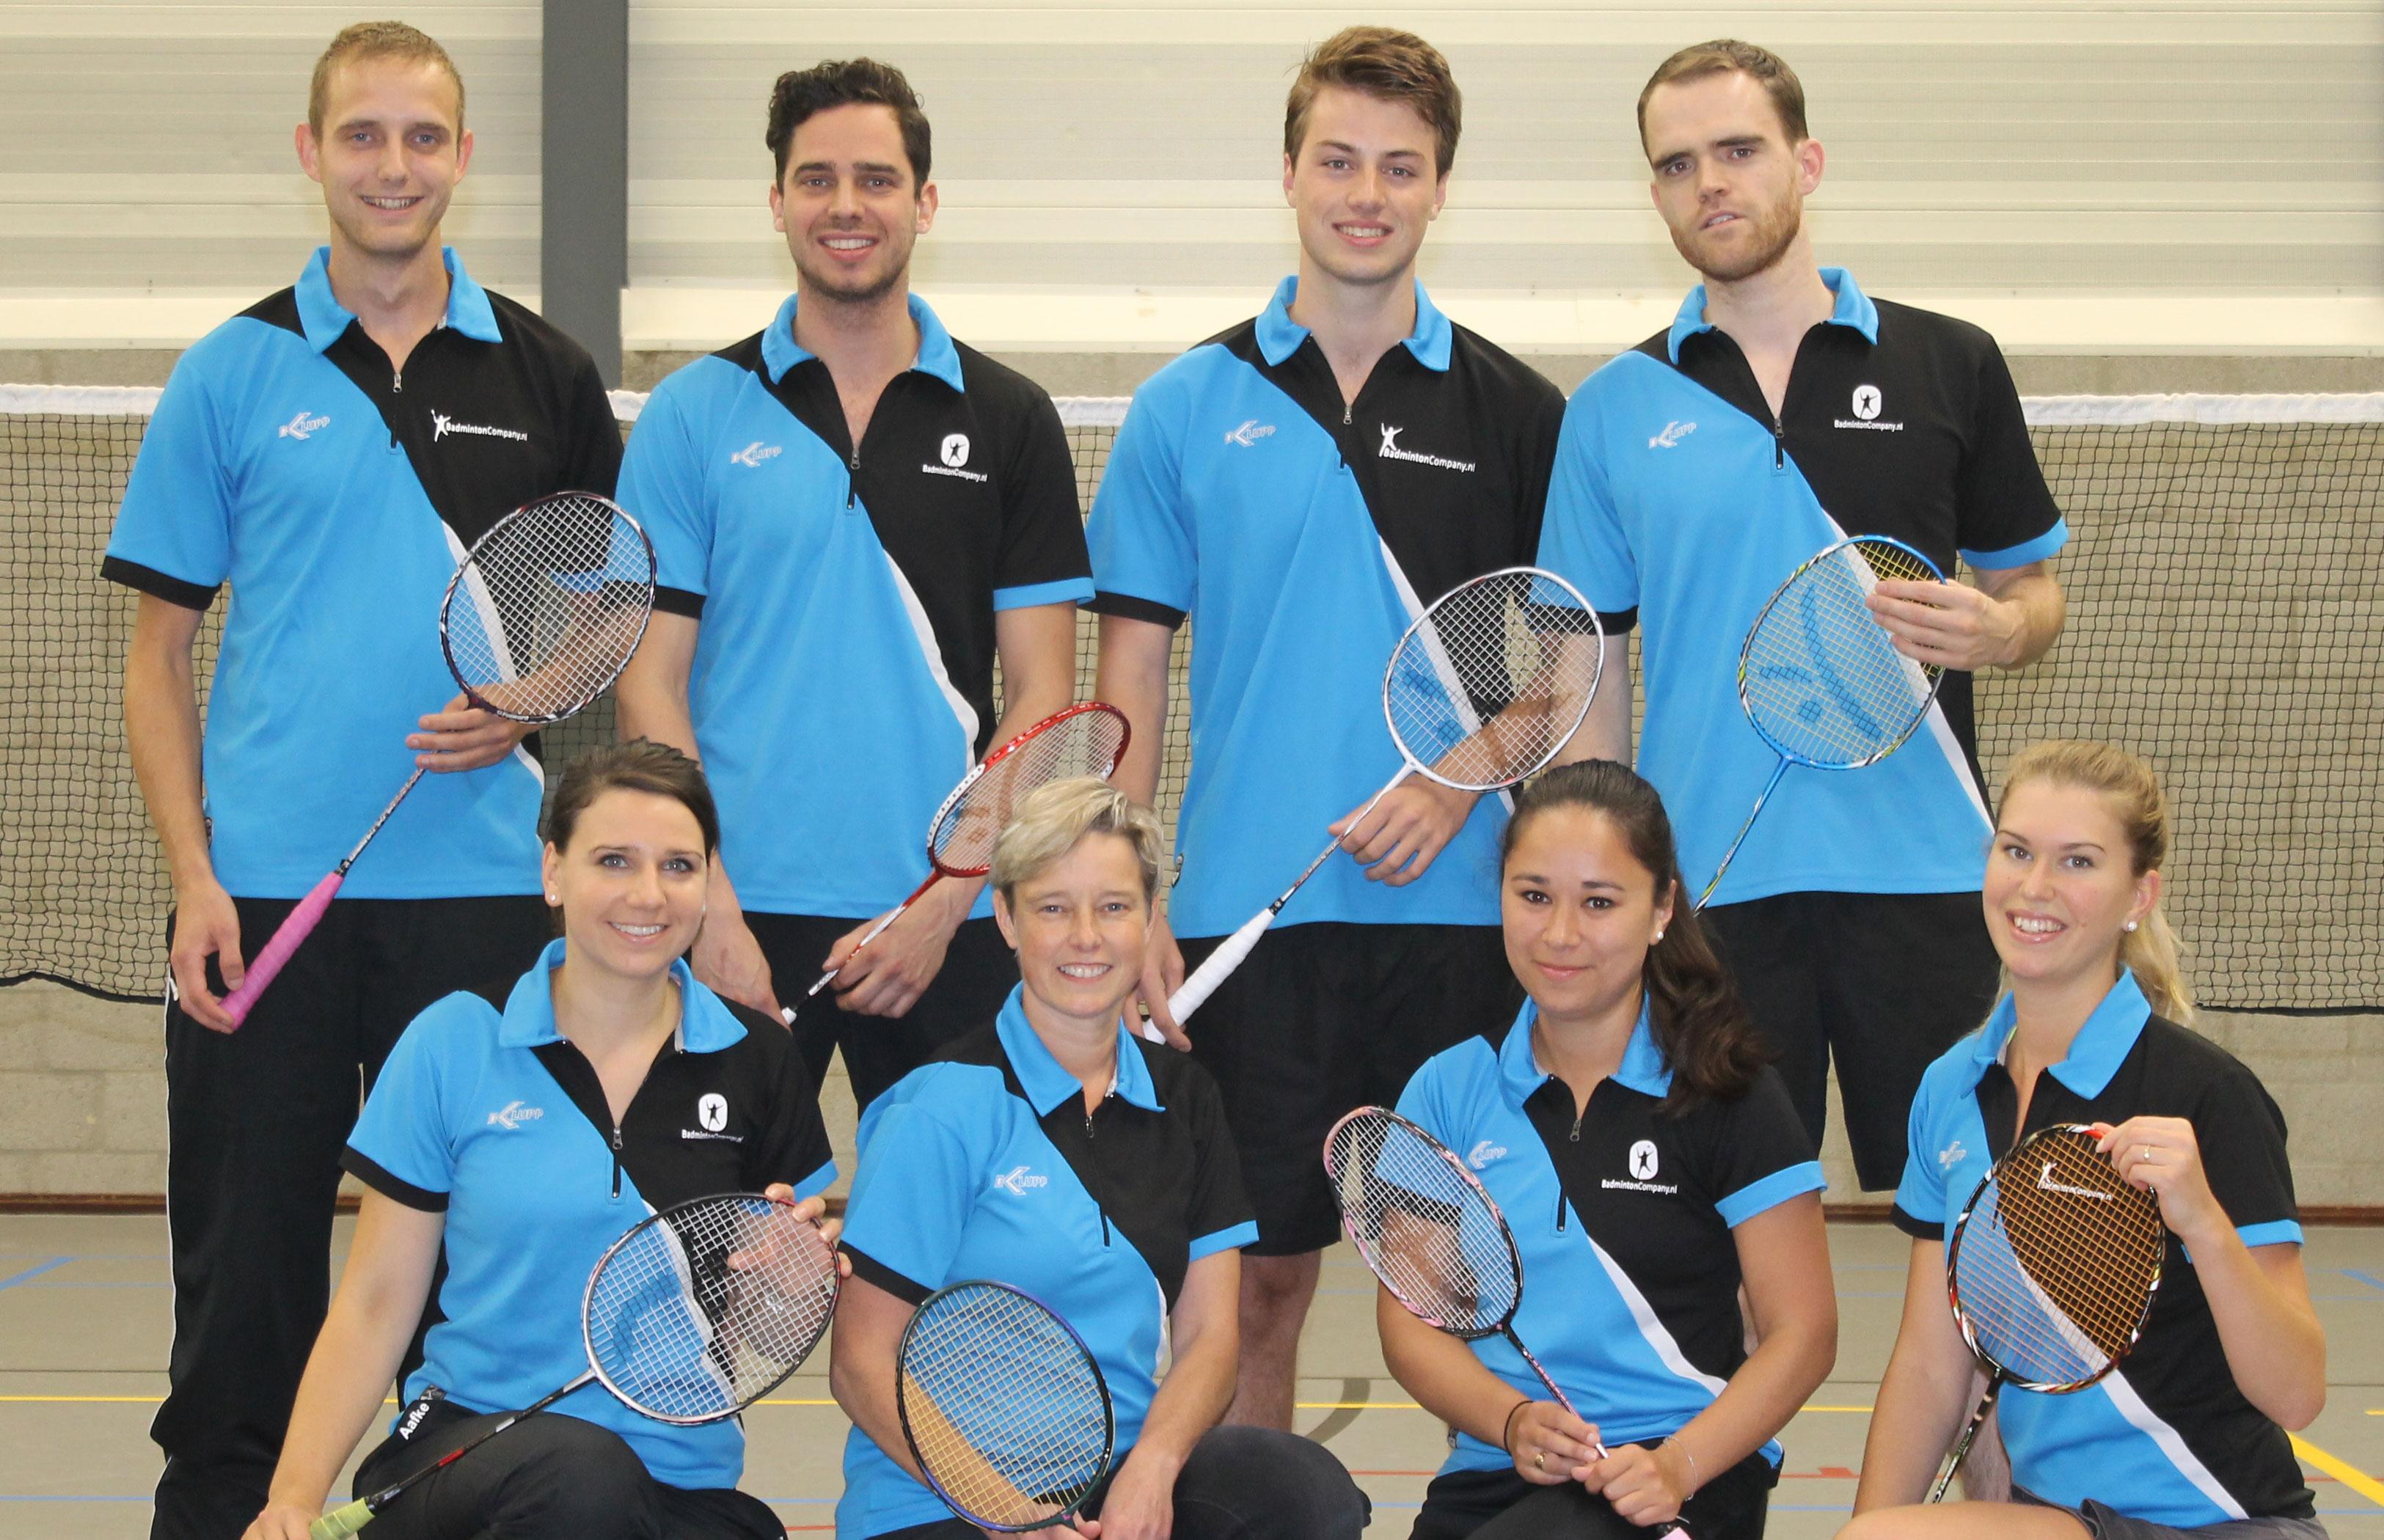 Competitie - badmintonclub - BC De Zwaluwen - Regio Breda ... Badminton Tilburg